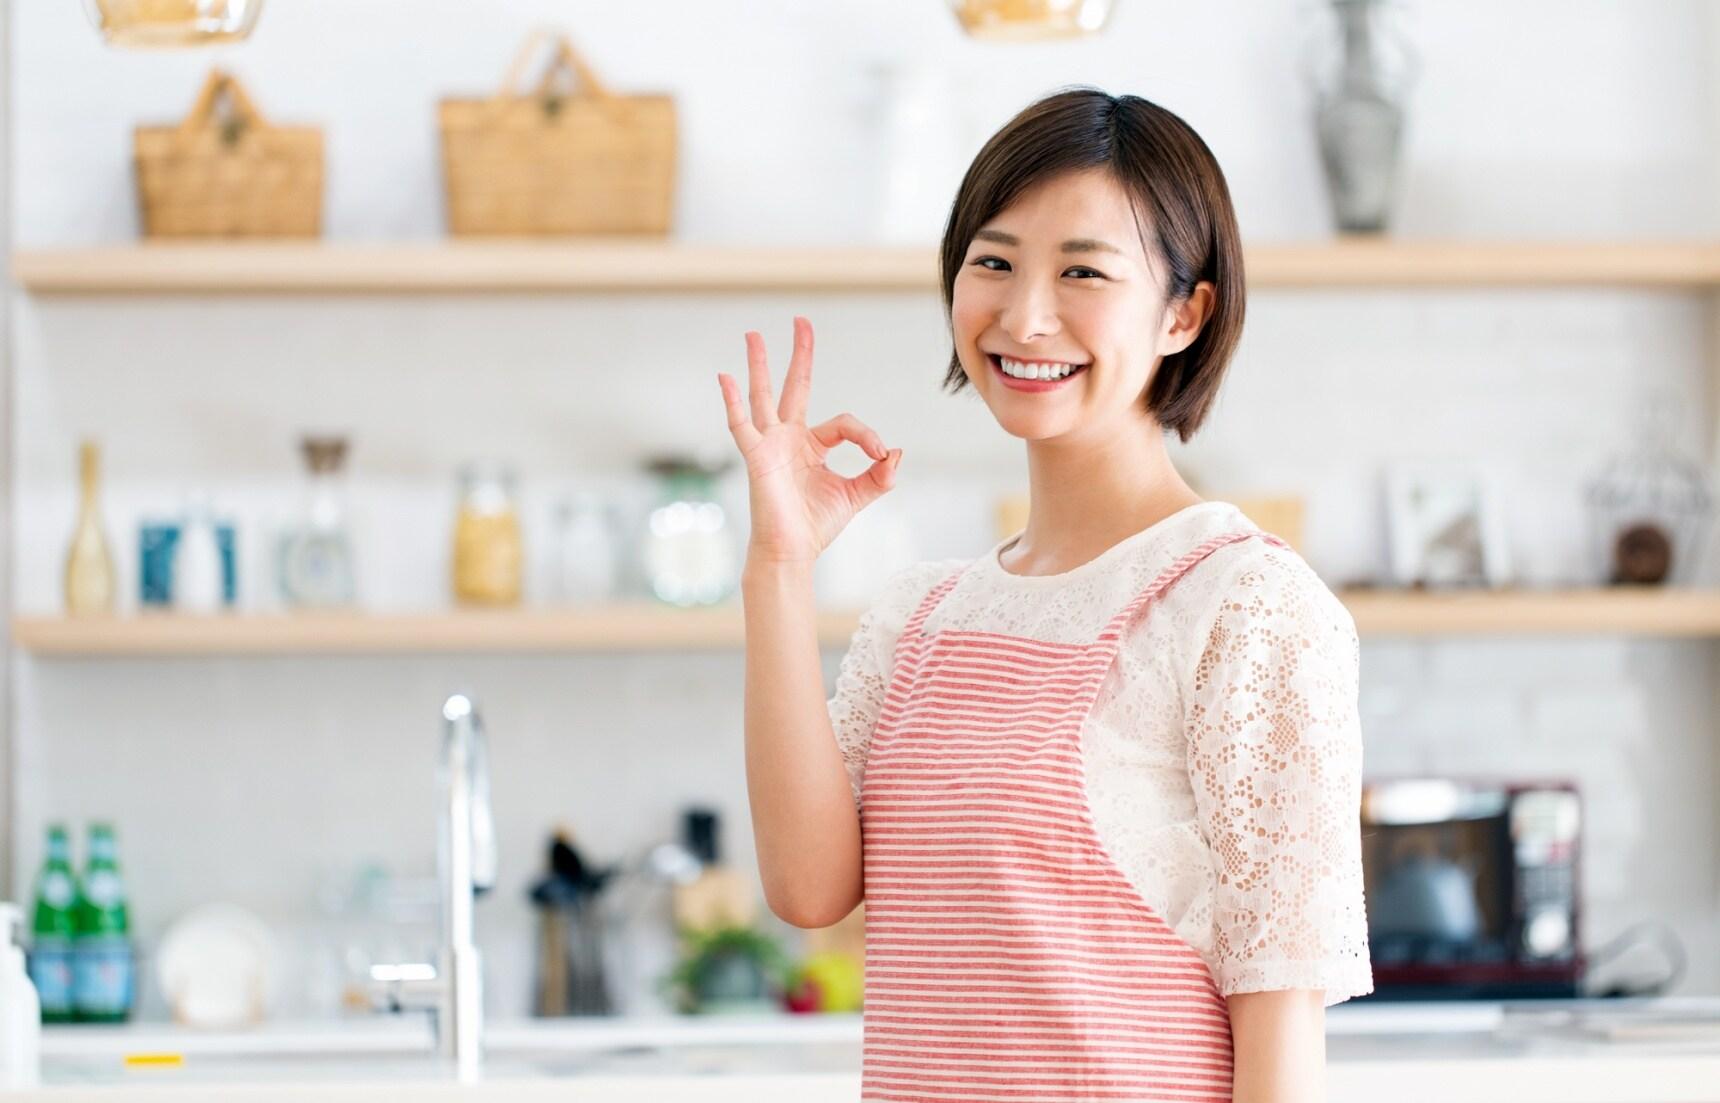 日本超市好神奇!有了這些秘密武器就能輕鬆上菜